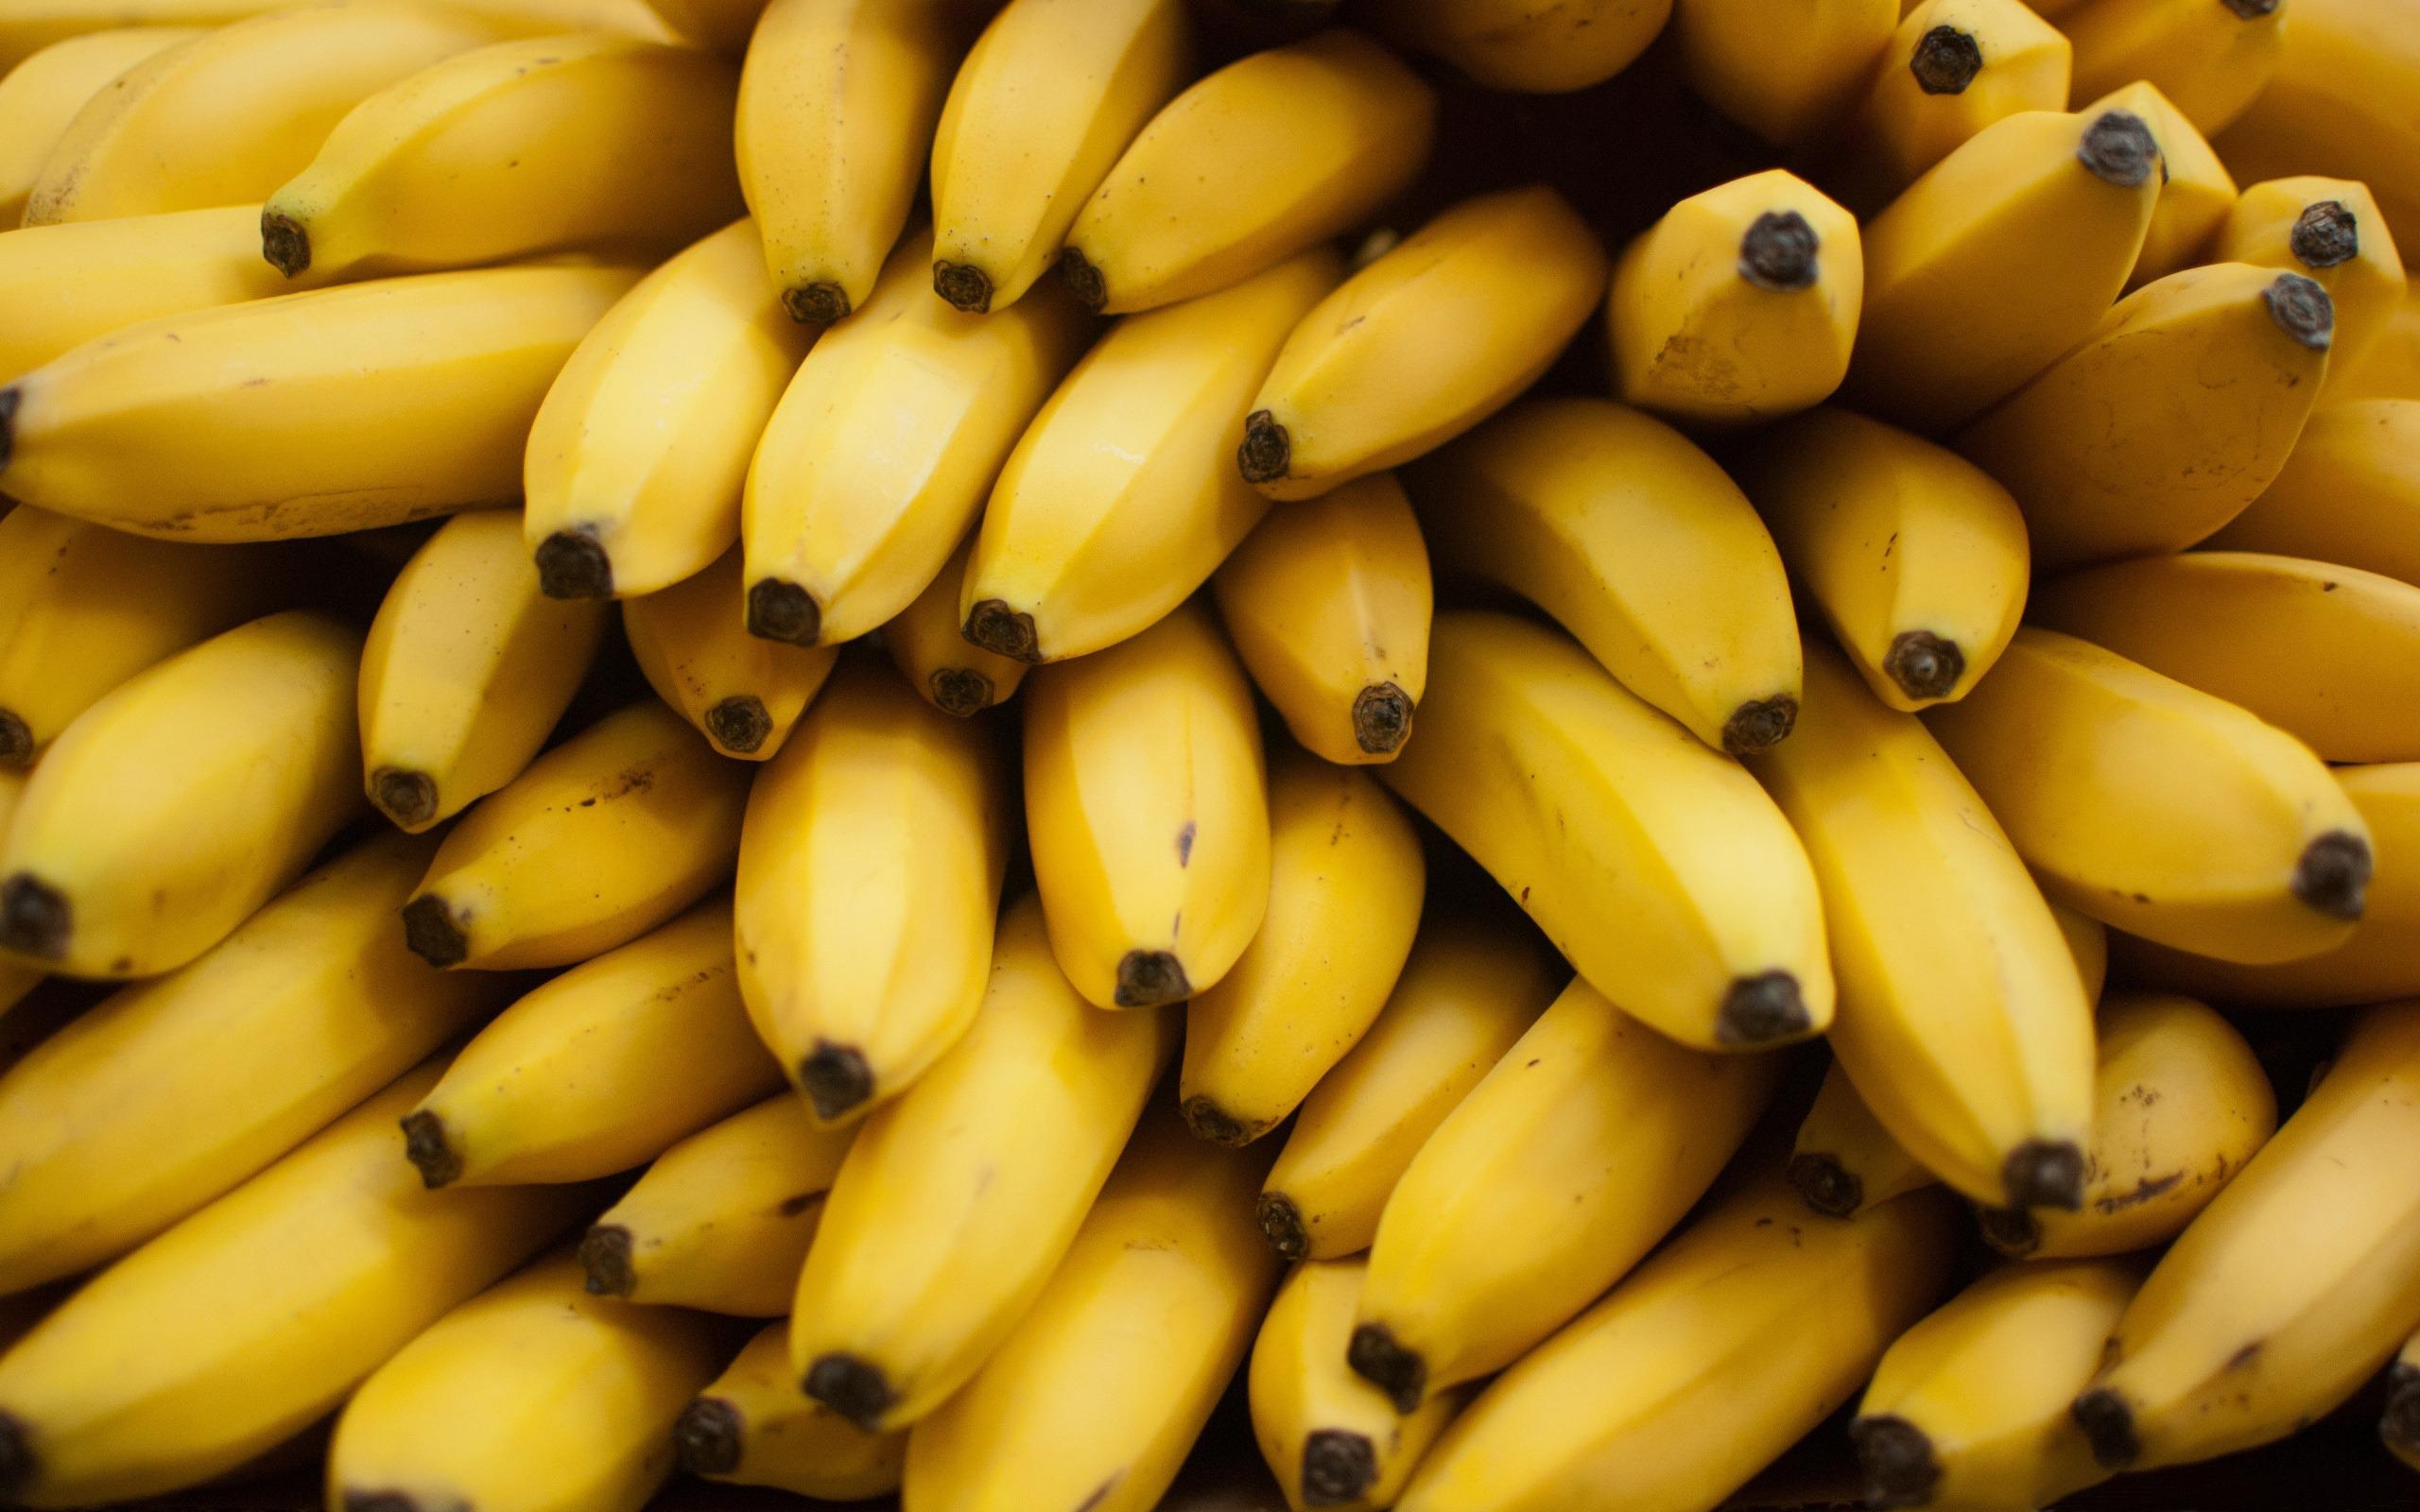 黄色のバナナマクロ Hdデスクトップの壁紙プレビュー 10wallpaper Com